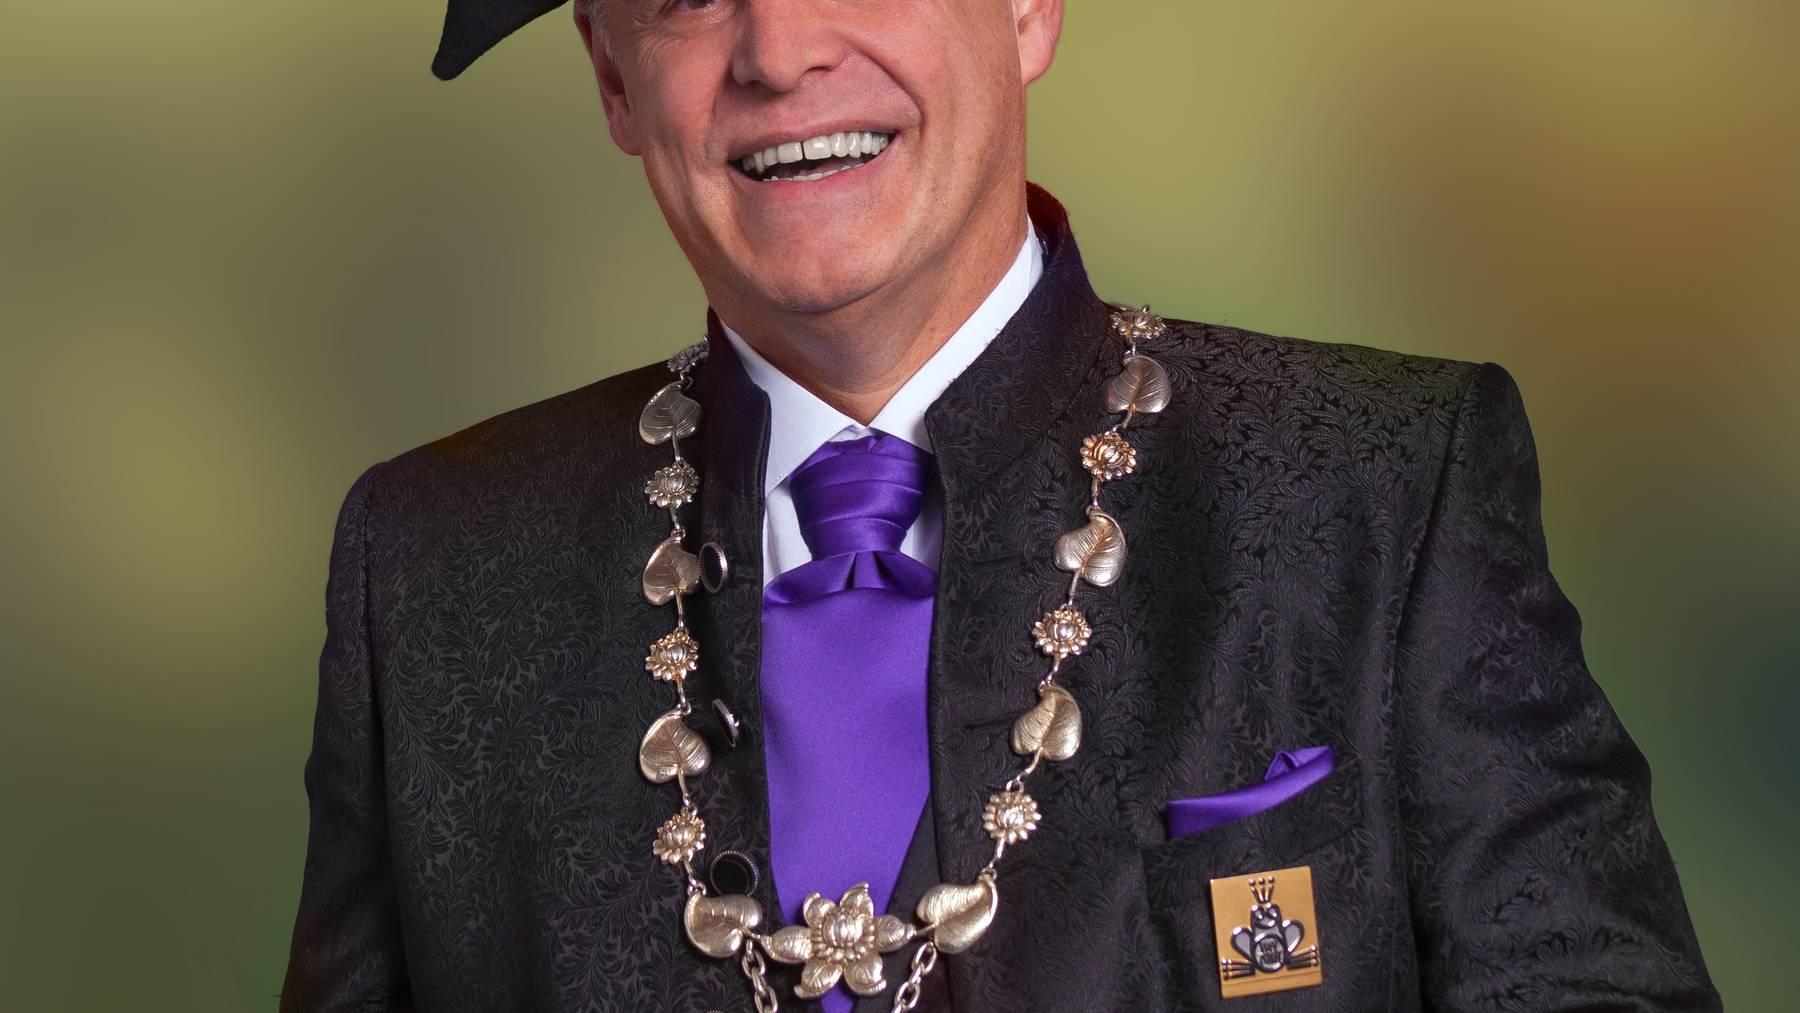 Das ist Weyzunftmeister Rolf Sainsbury